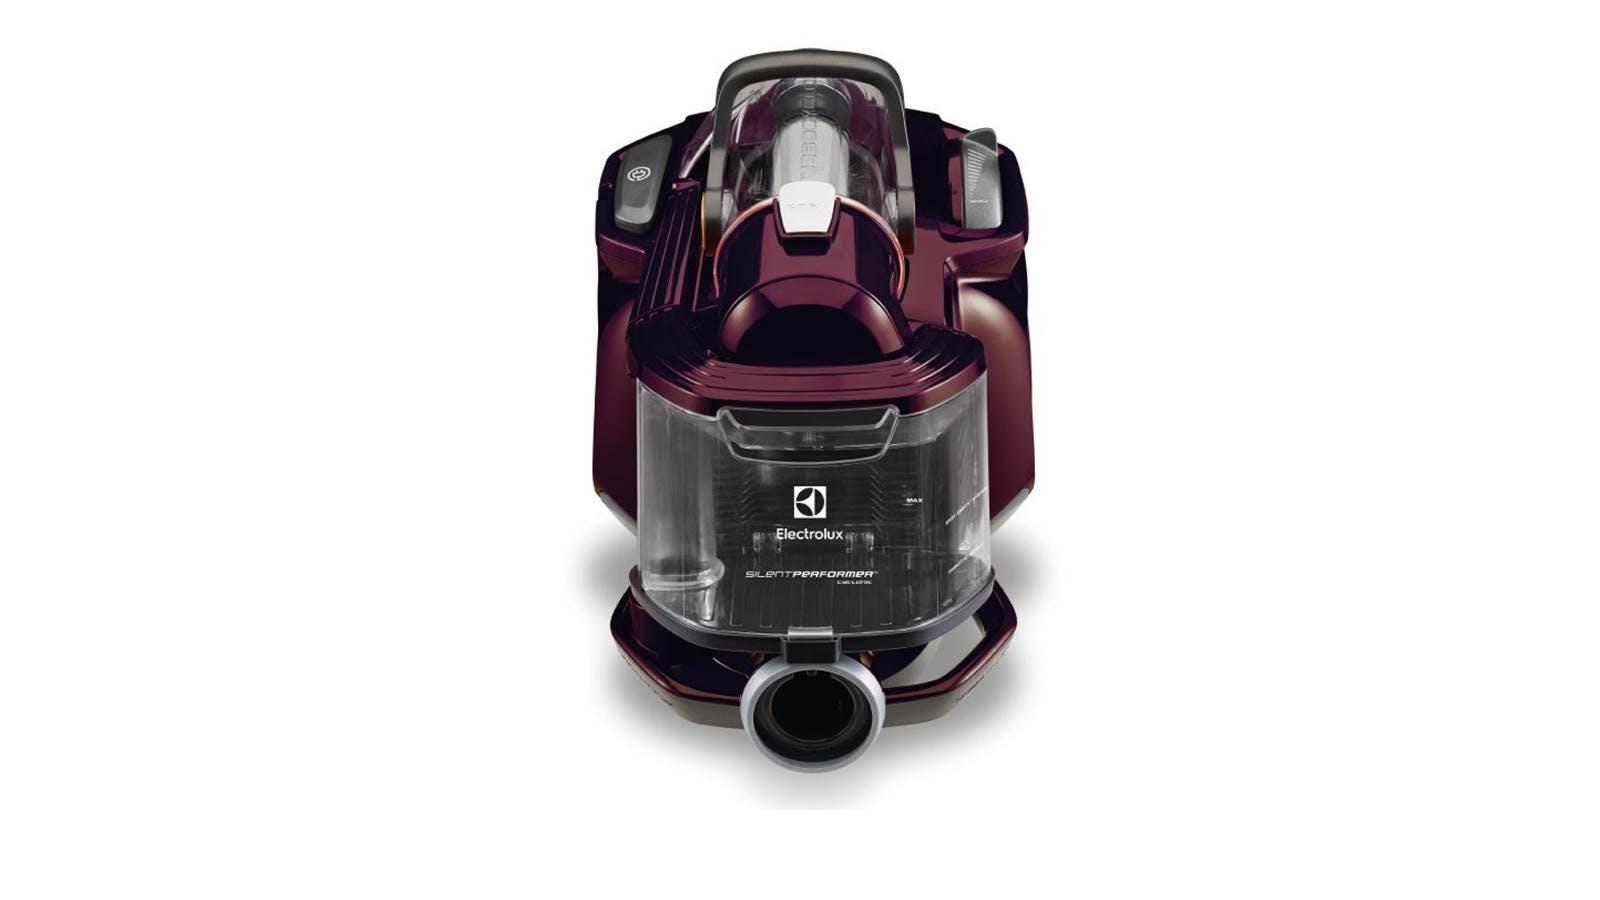 Electrolux Zsp 4303af Silent Pro Bagless Vacuum Cleaner